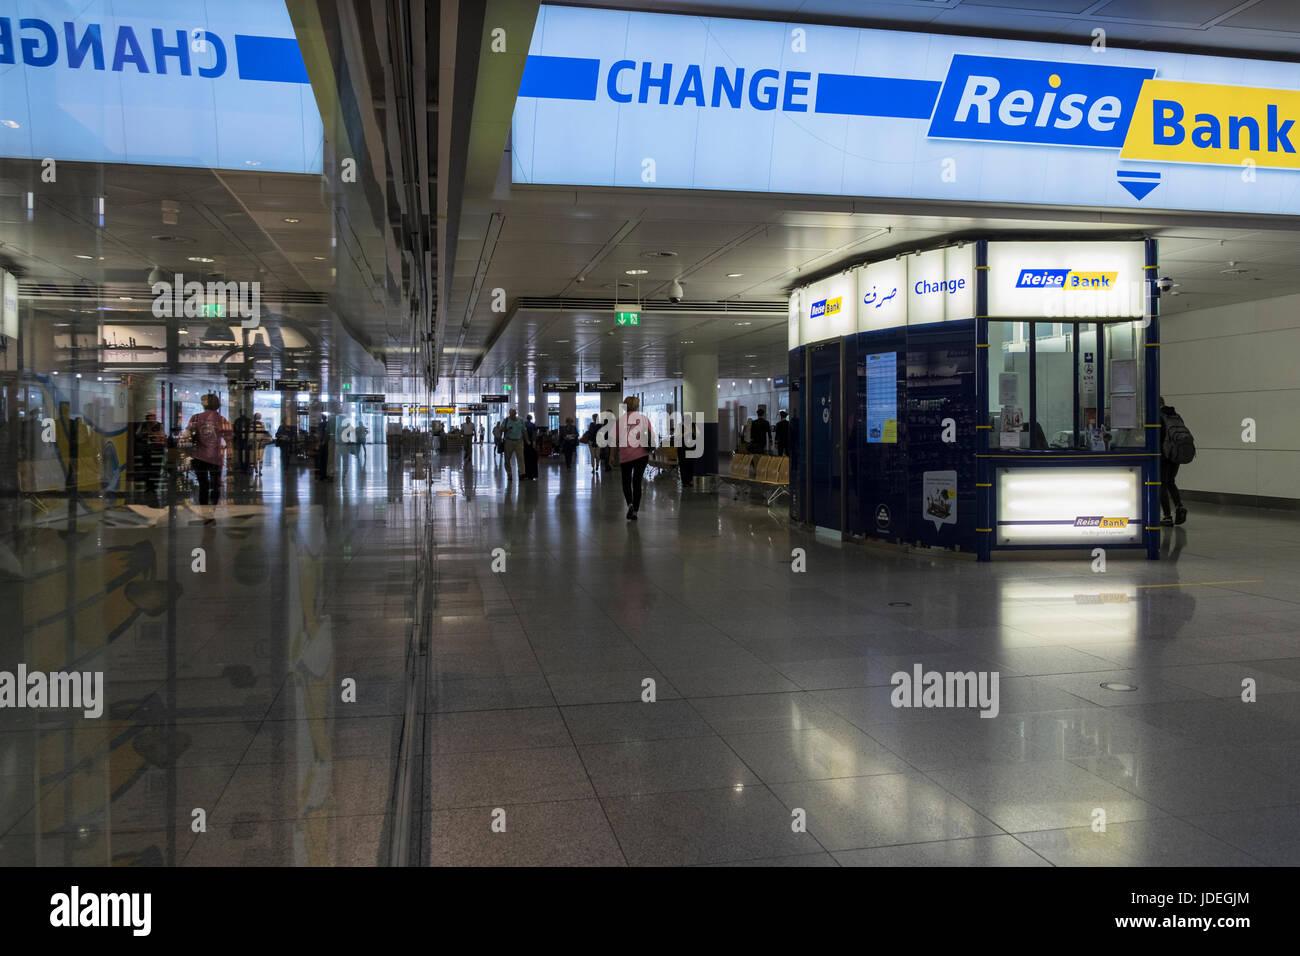 Reise Bank Währung Austausch Kiosk am Eingang zum Flughafen München, Deutschland Stockbild